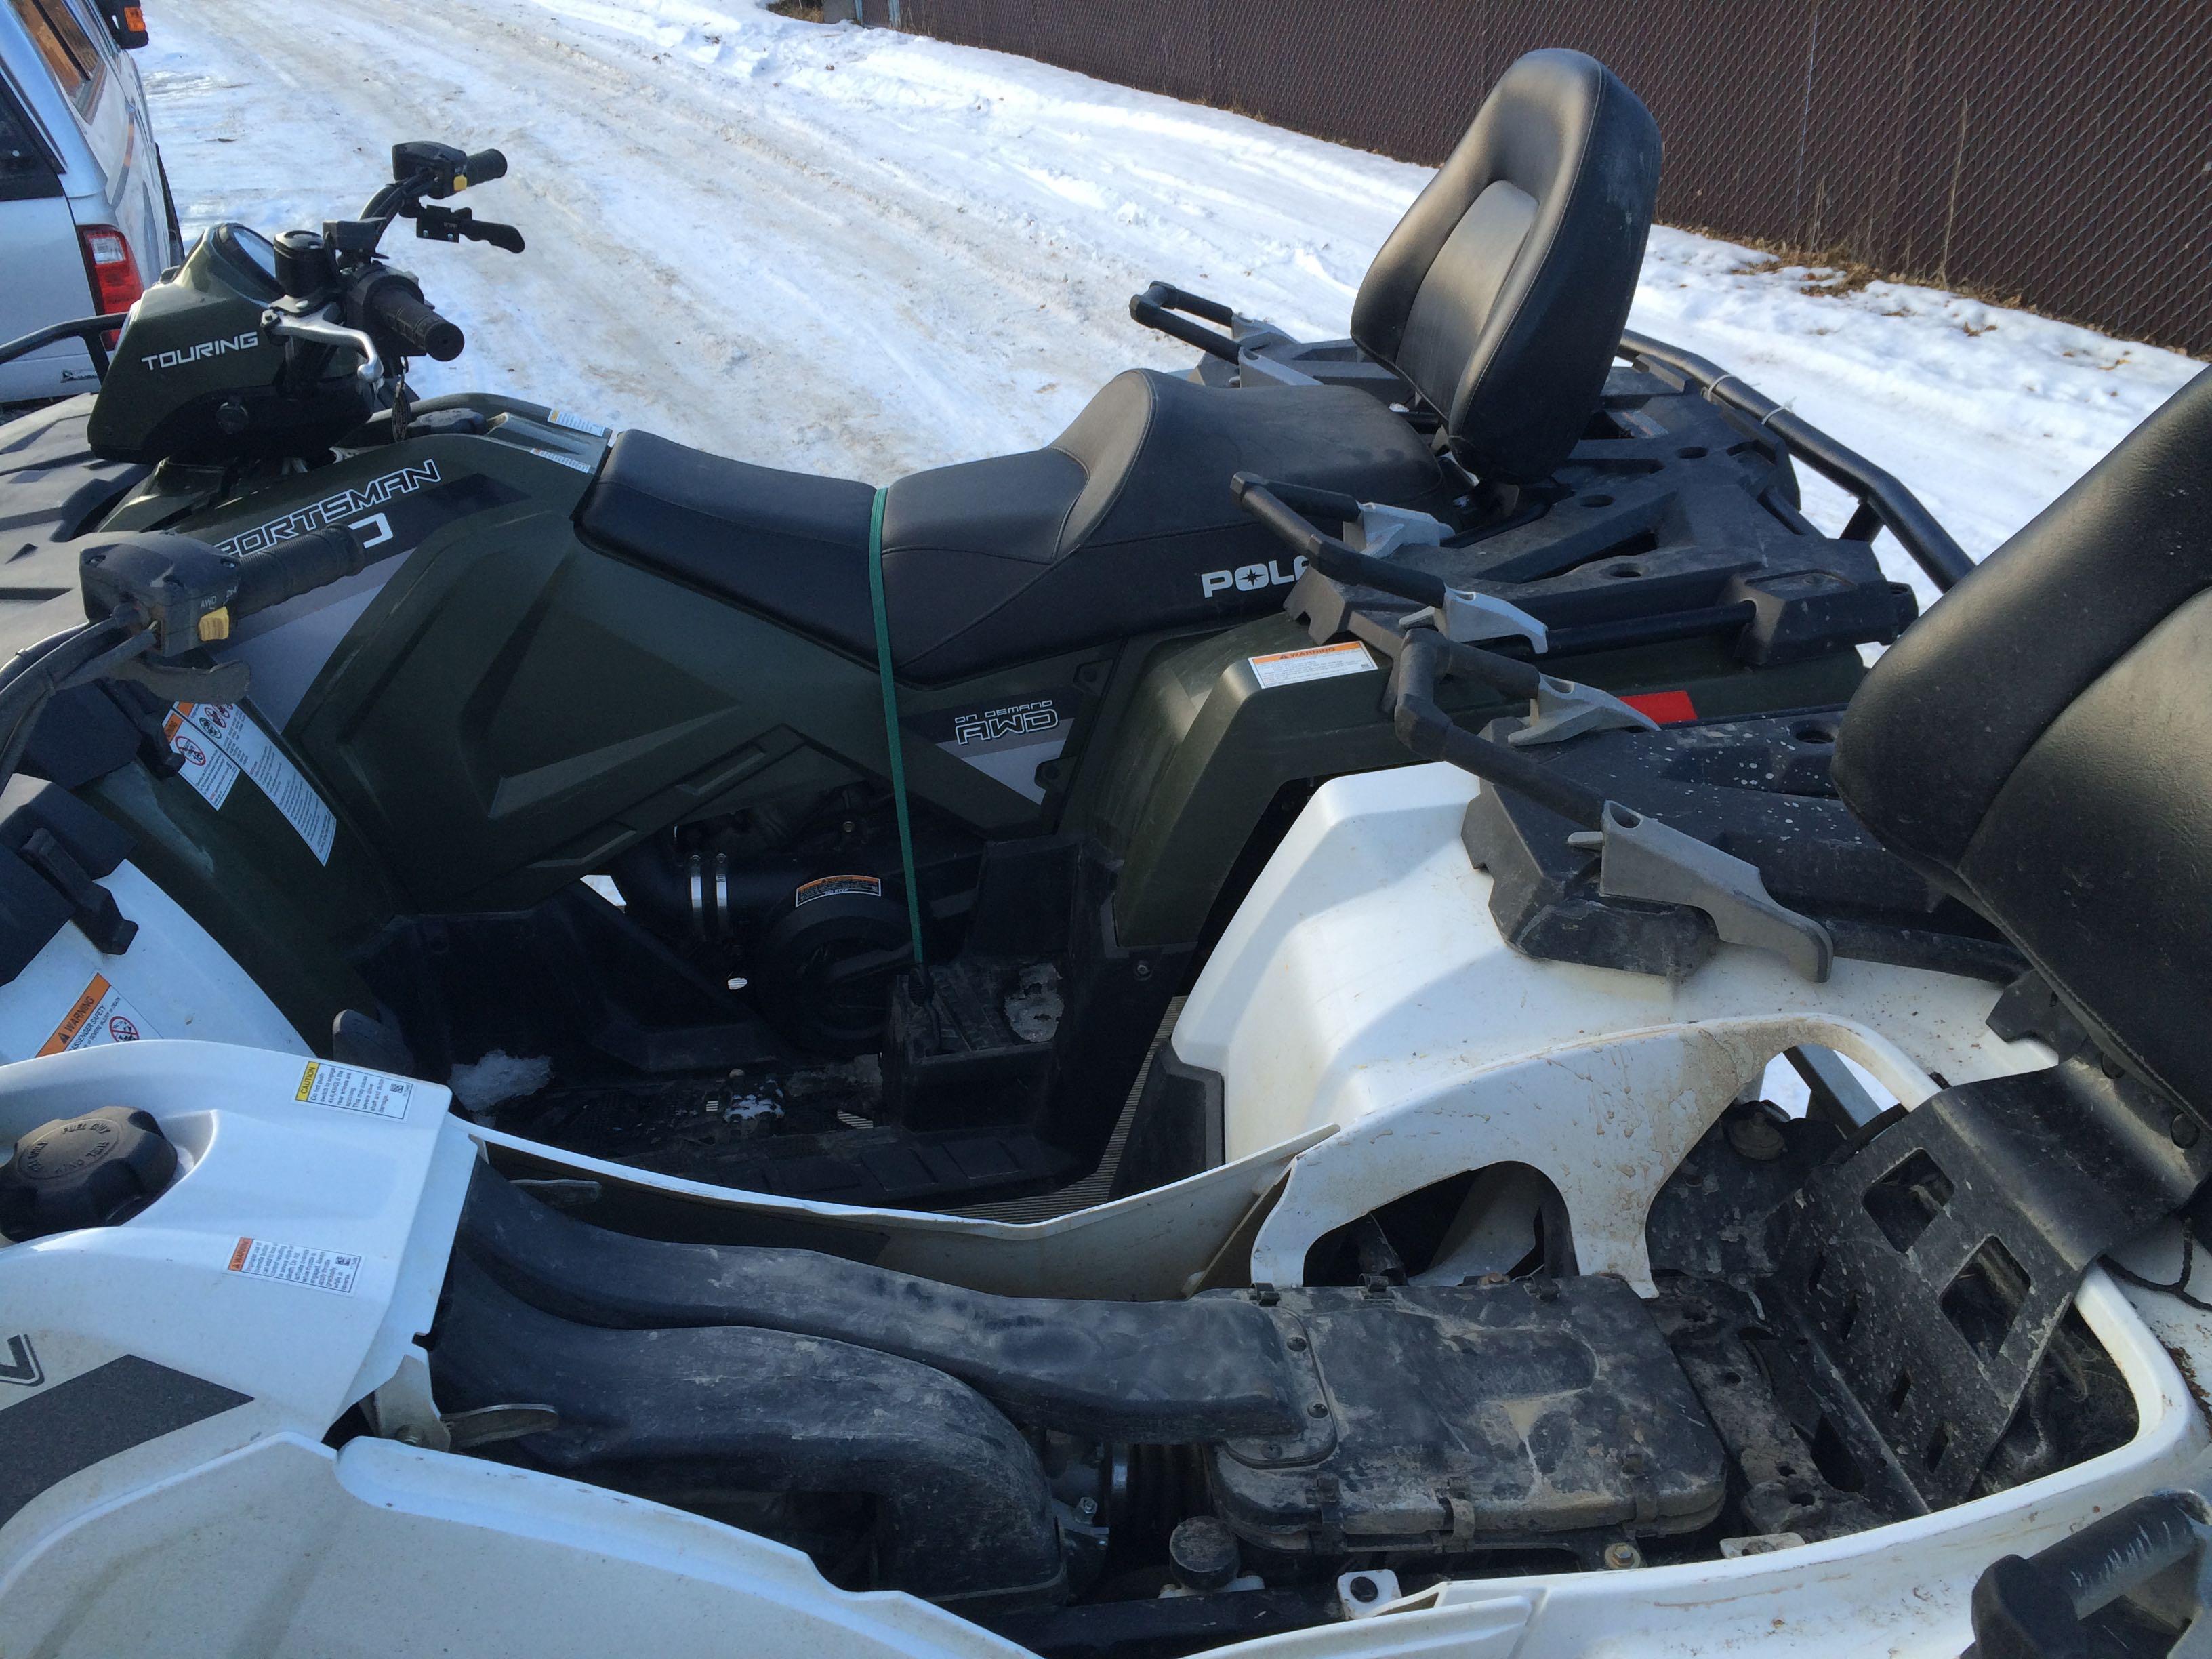 570 seat touring polaris sportsman issues atv problems